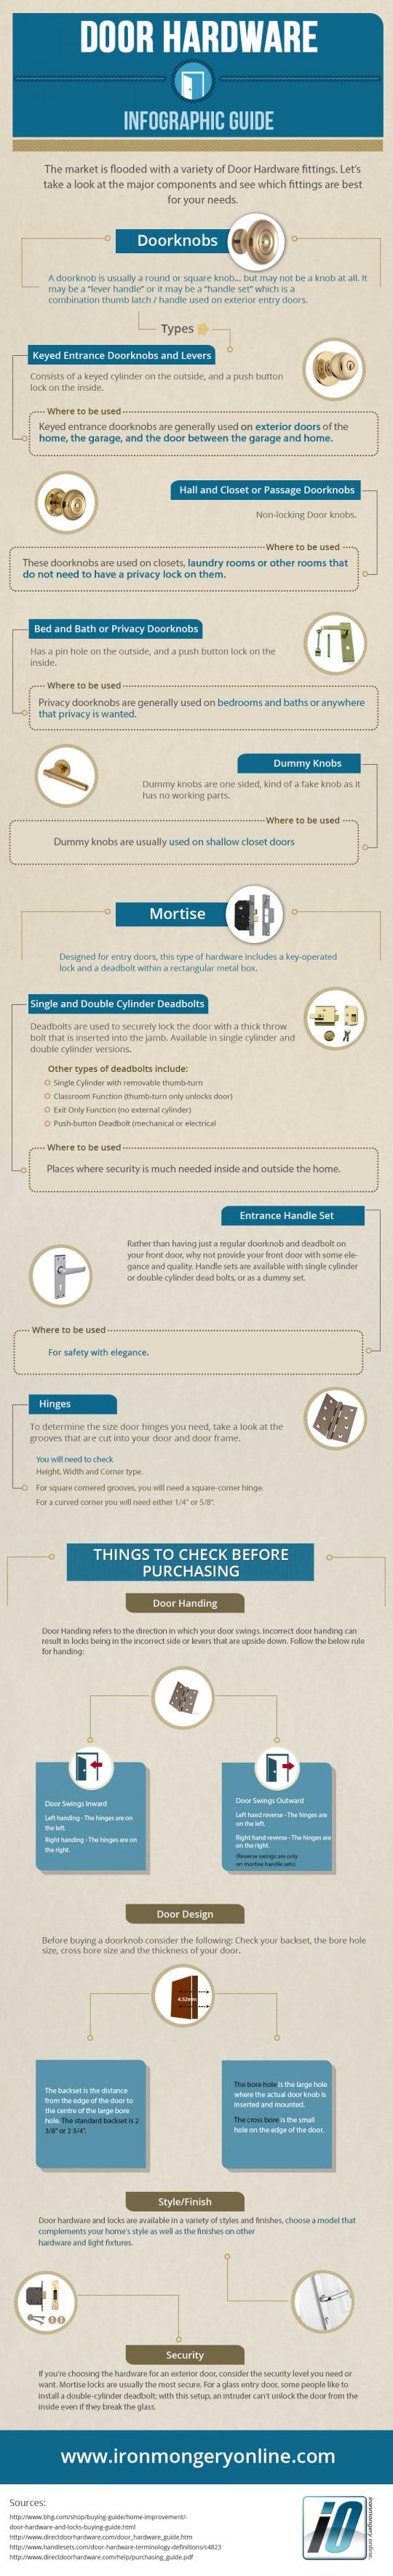 Door Hardware Infographic Guide